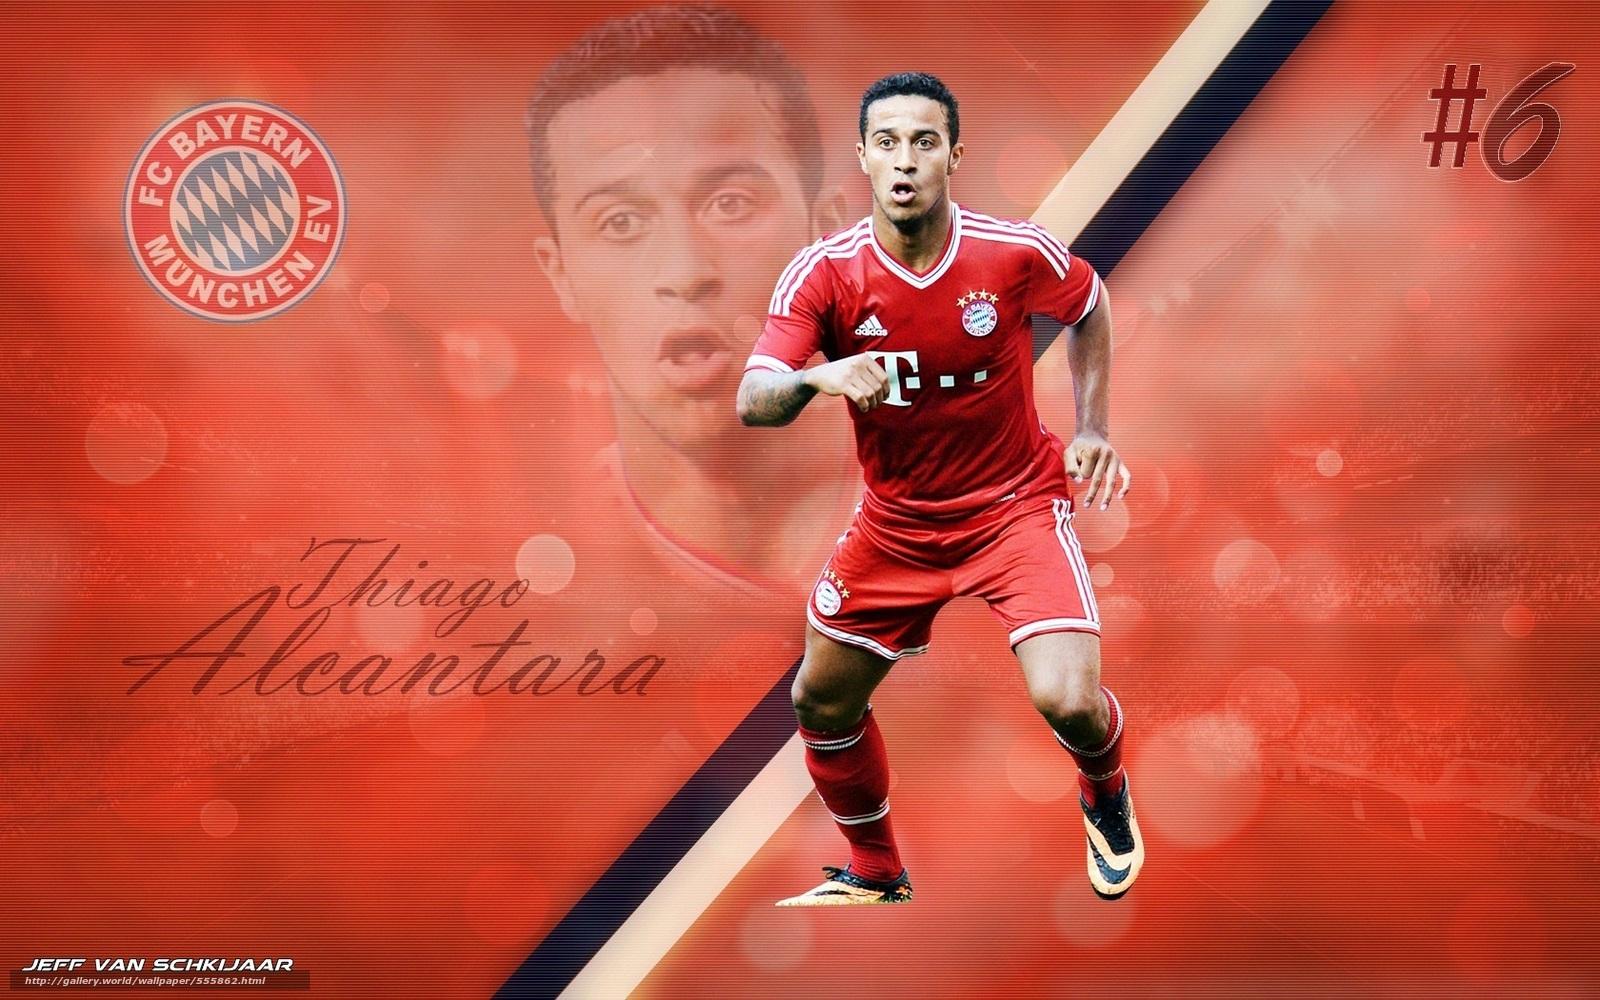 Download Hintergrund Fussball Bayern Munchen Thiago